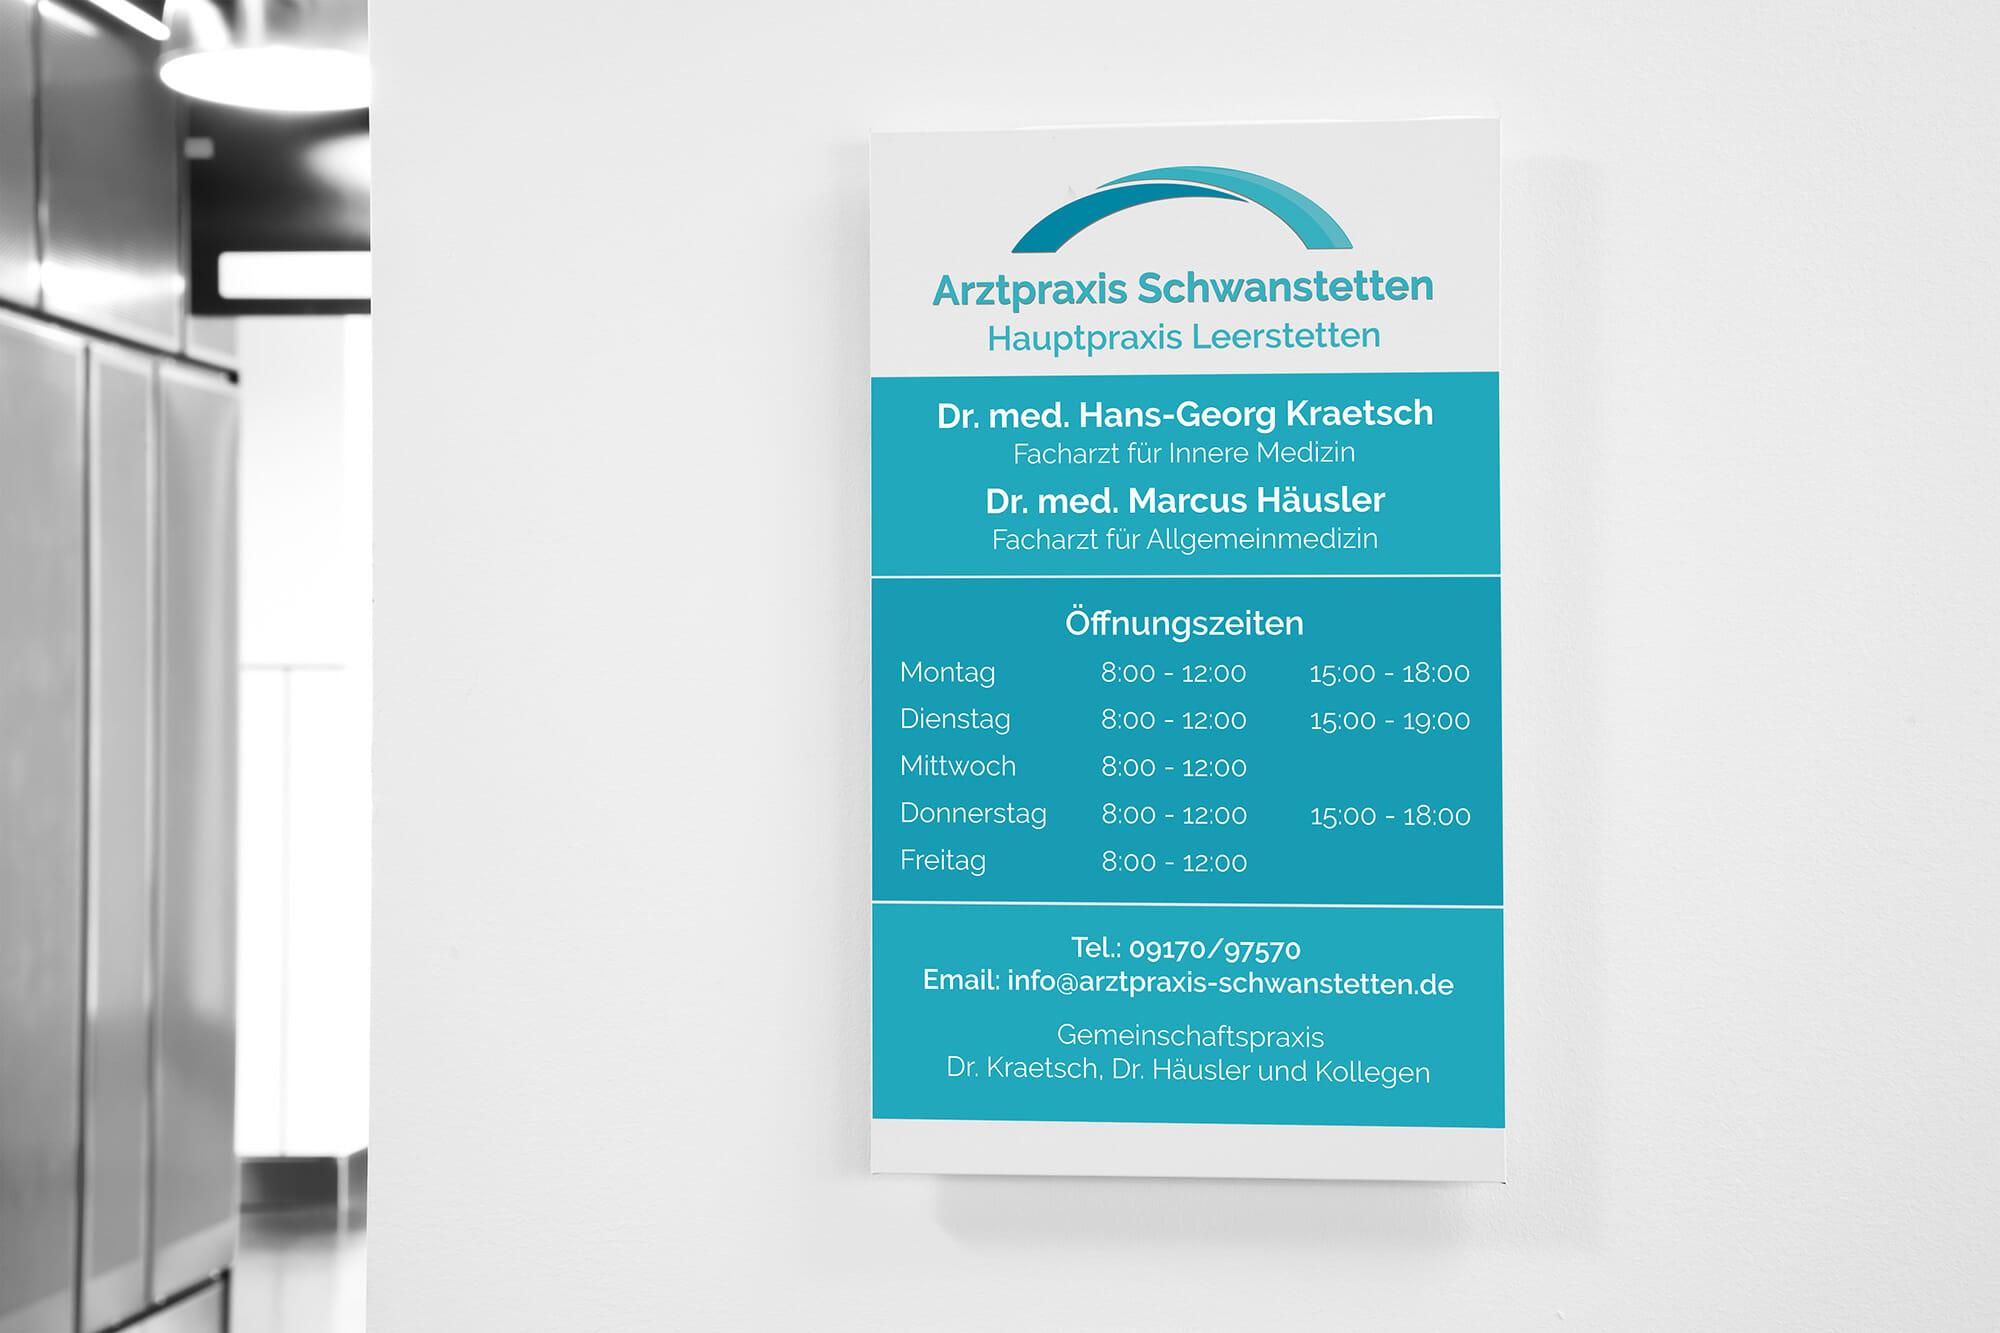 Arztpraxis Schwanstetten - Grafikdesign Schwabach - Sowiesodesign